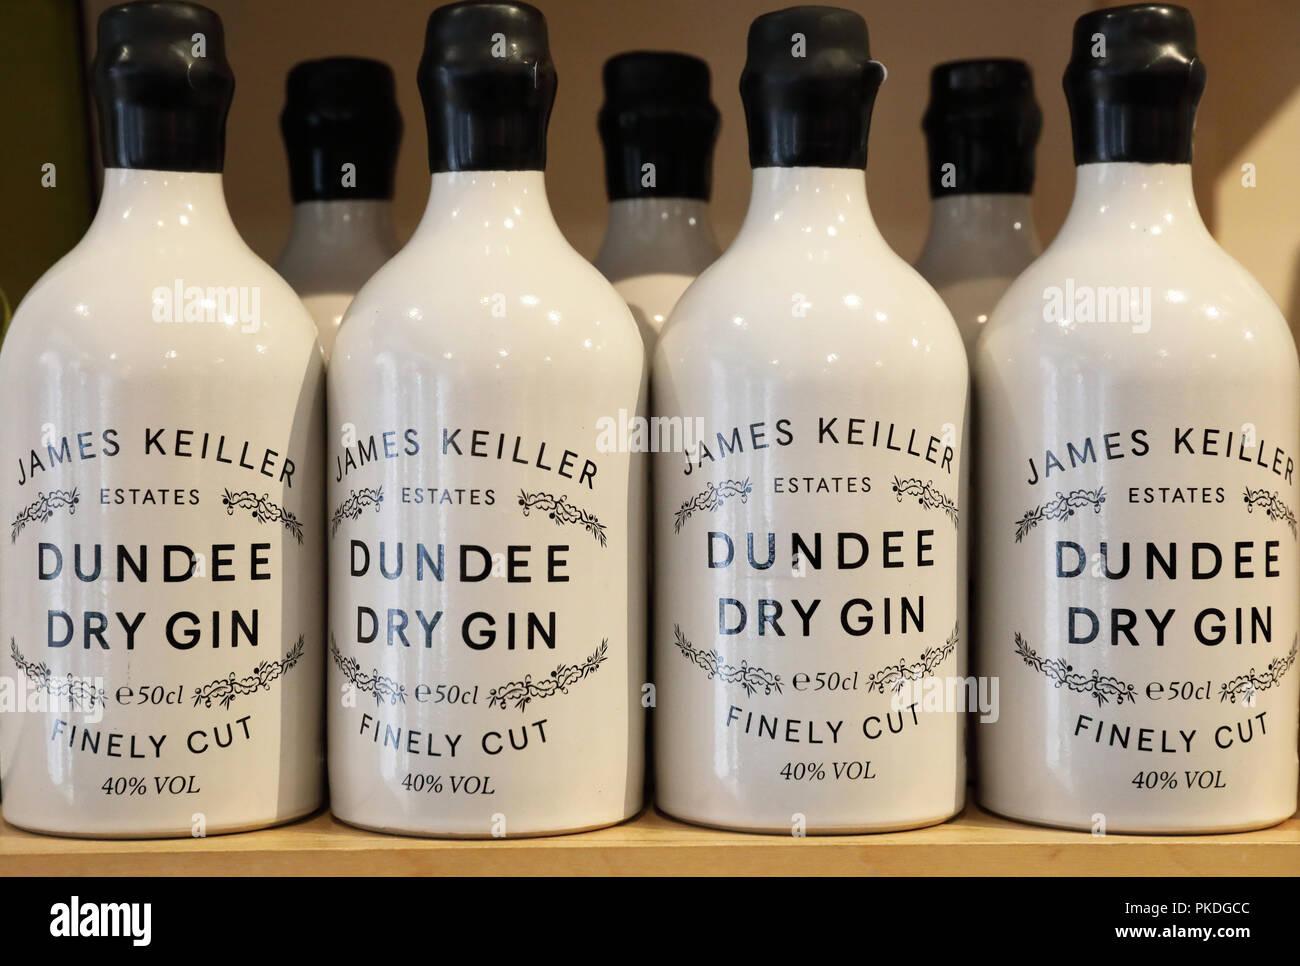 James Keiller estates Dundee dry Gin per la vendita, in Scozia, Regno Unito Foto Stock